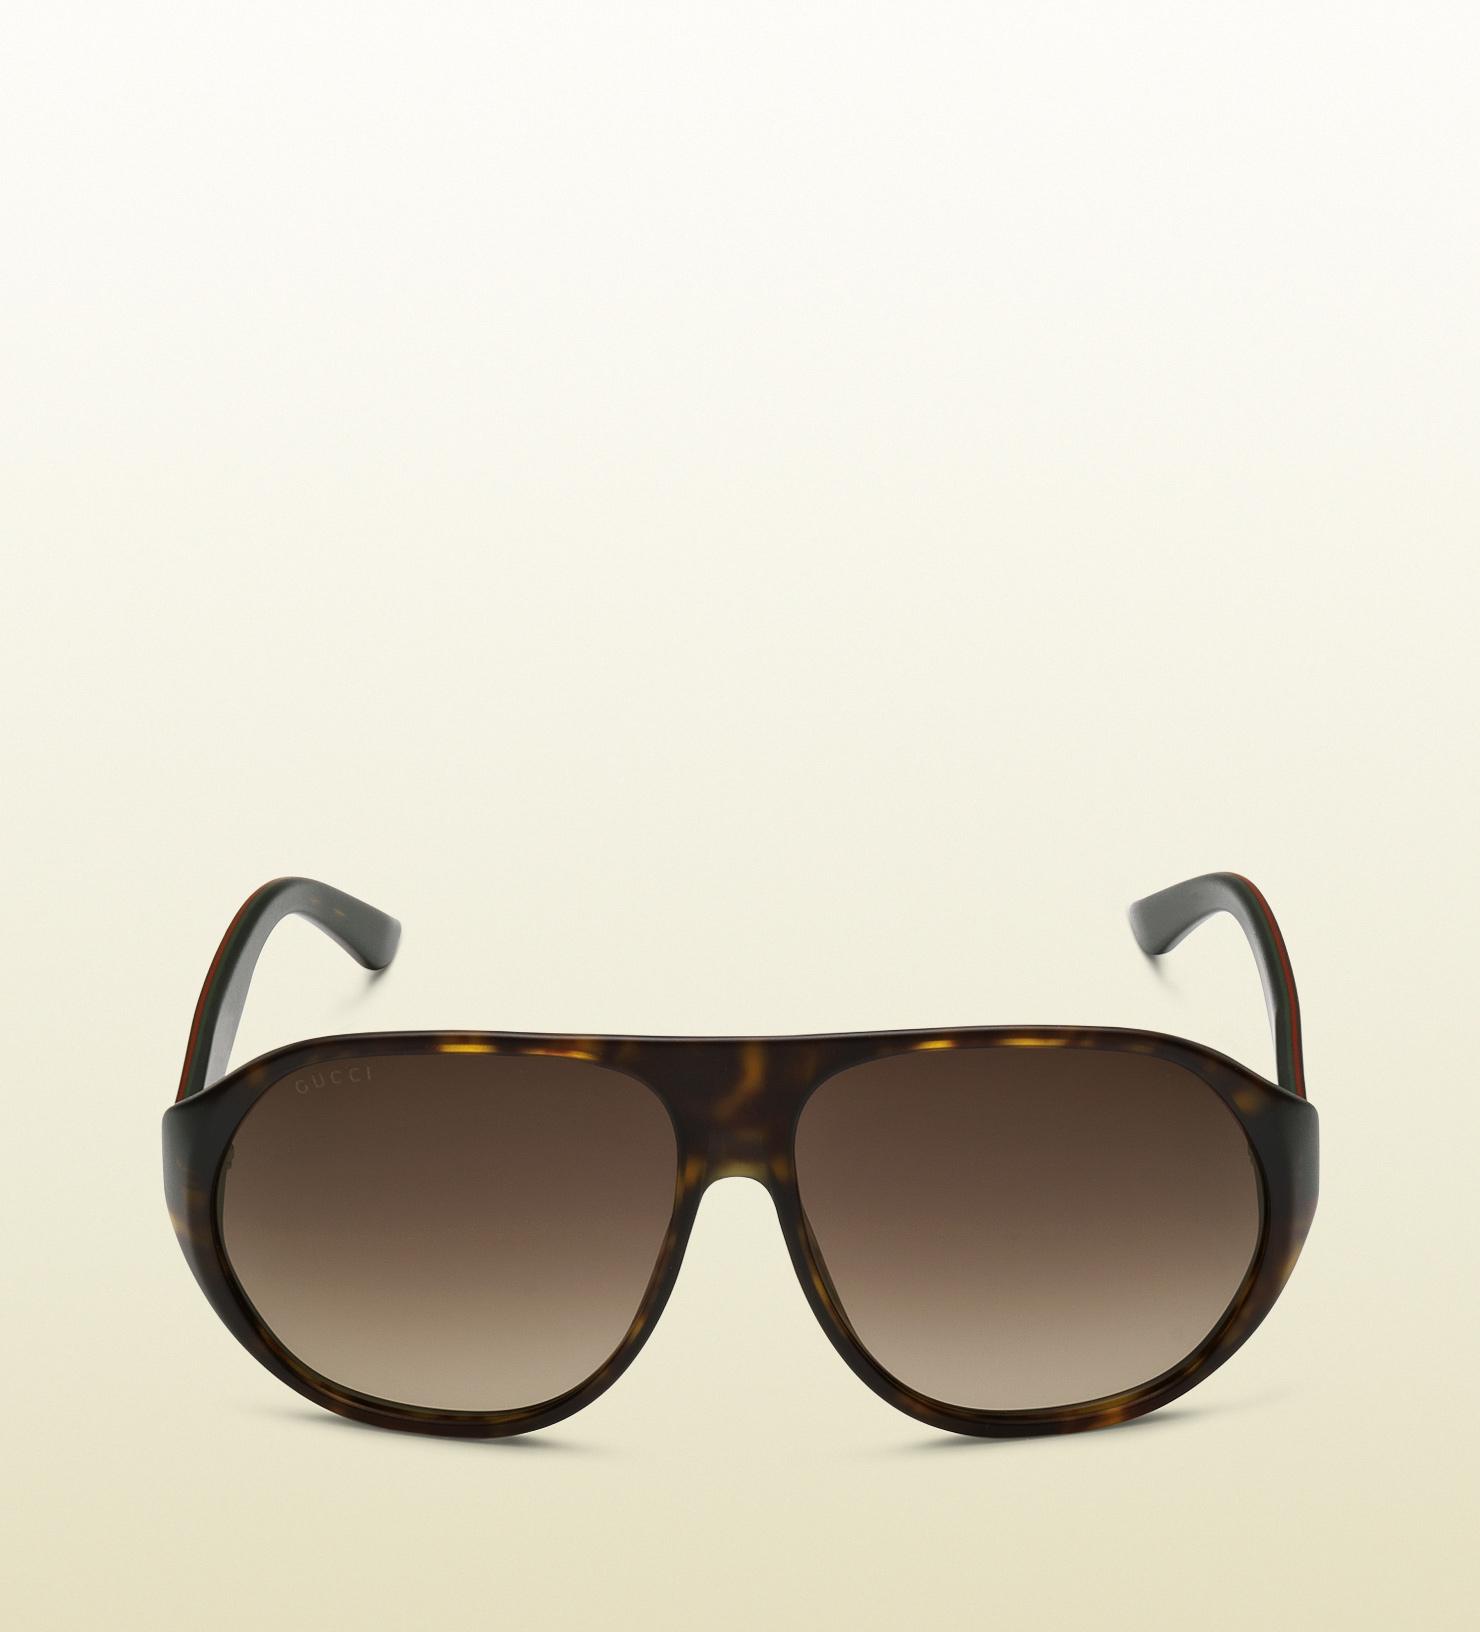 783617645e237 Gucci Mens Web Effect Sport Sunglasses in Black for Men - Lyst